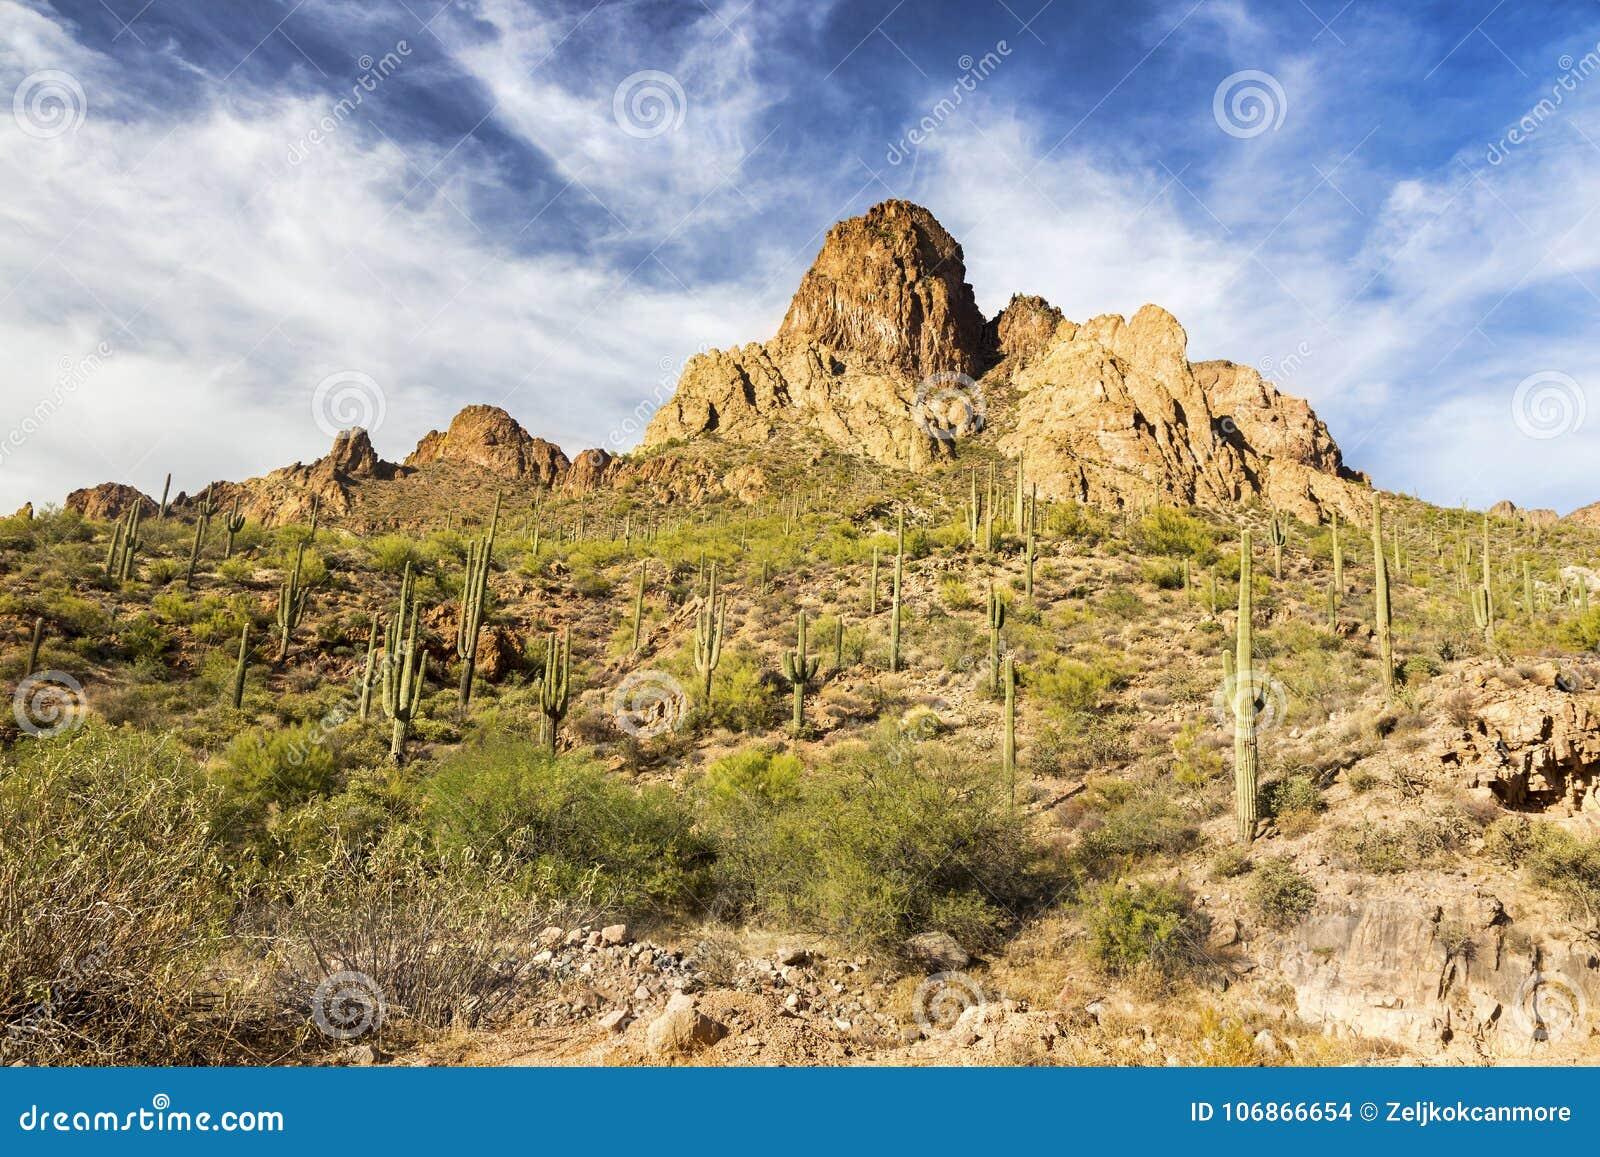 风景沙漠风景和柱仙人掌仙人掌厂亚利桑那迷信山的